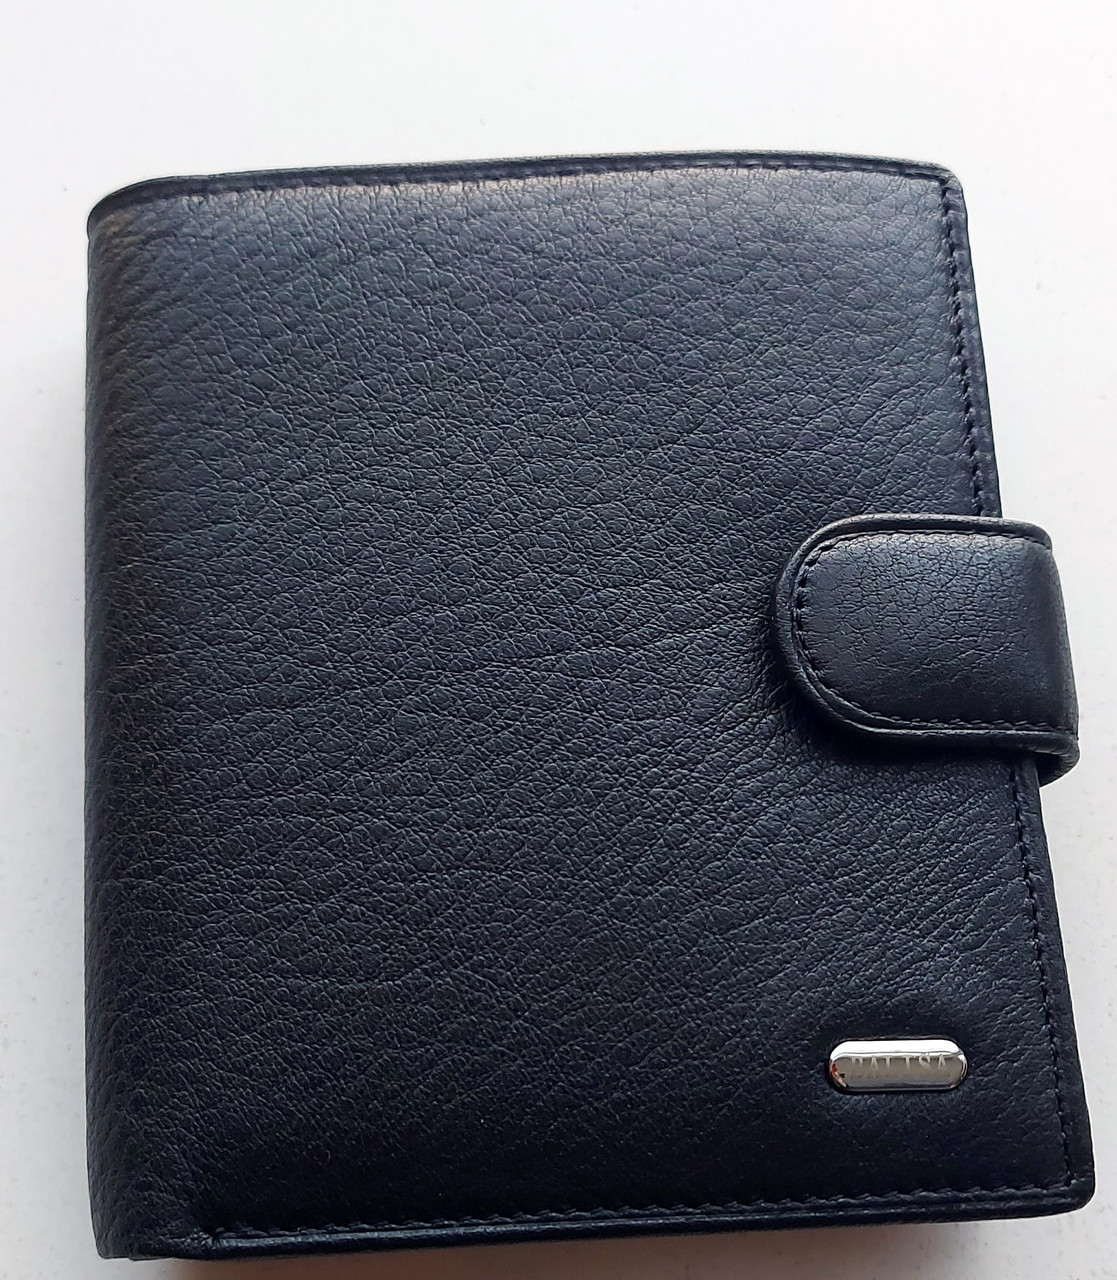 Мужское кожаное портмоне BA 9-18 black, купить мужское портмоне Balisa недорого в Украине